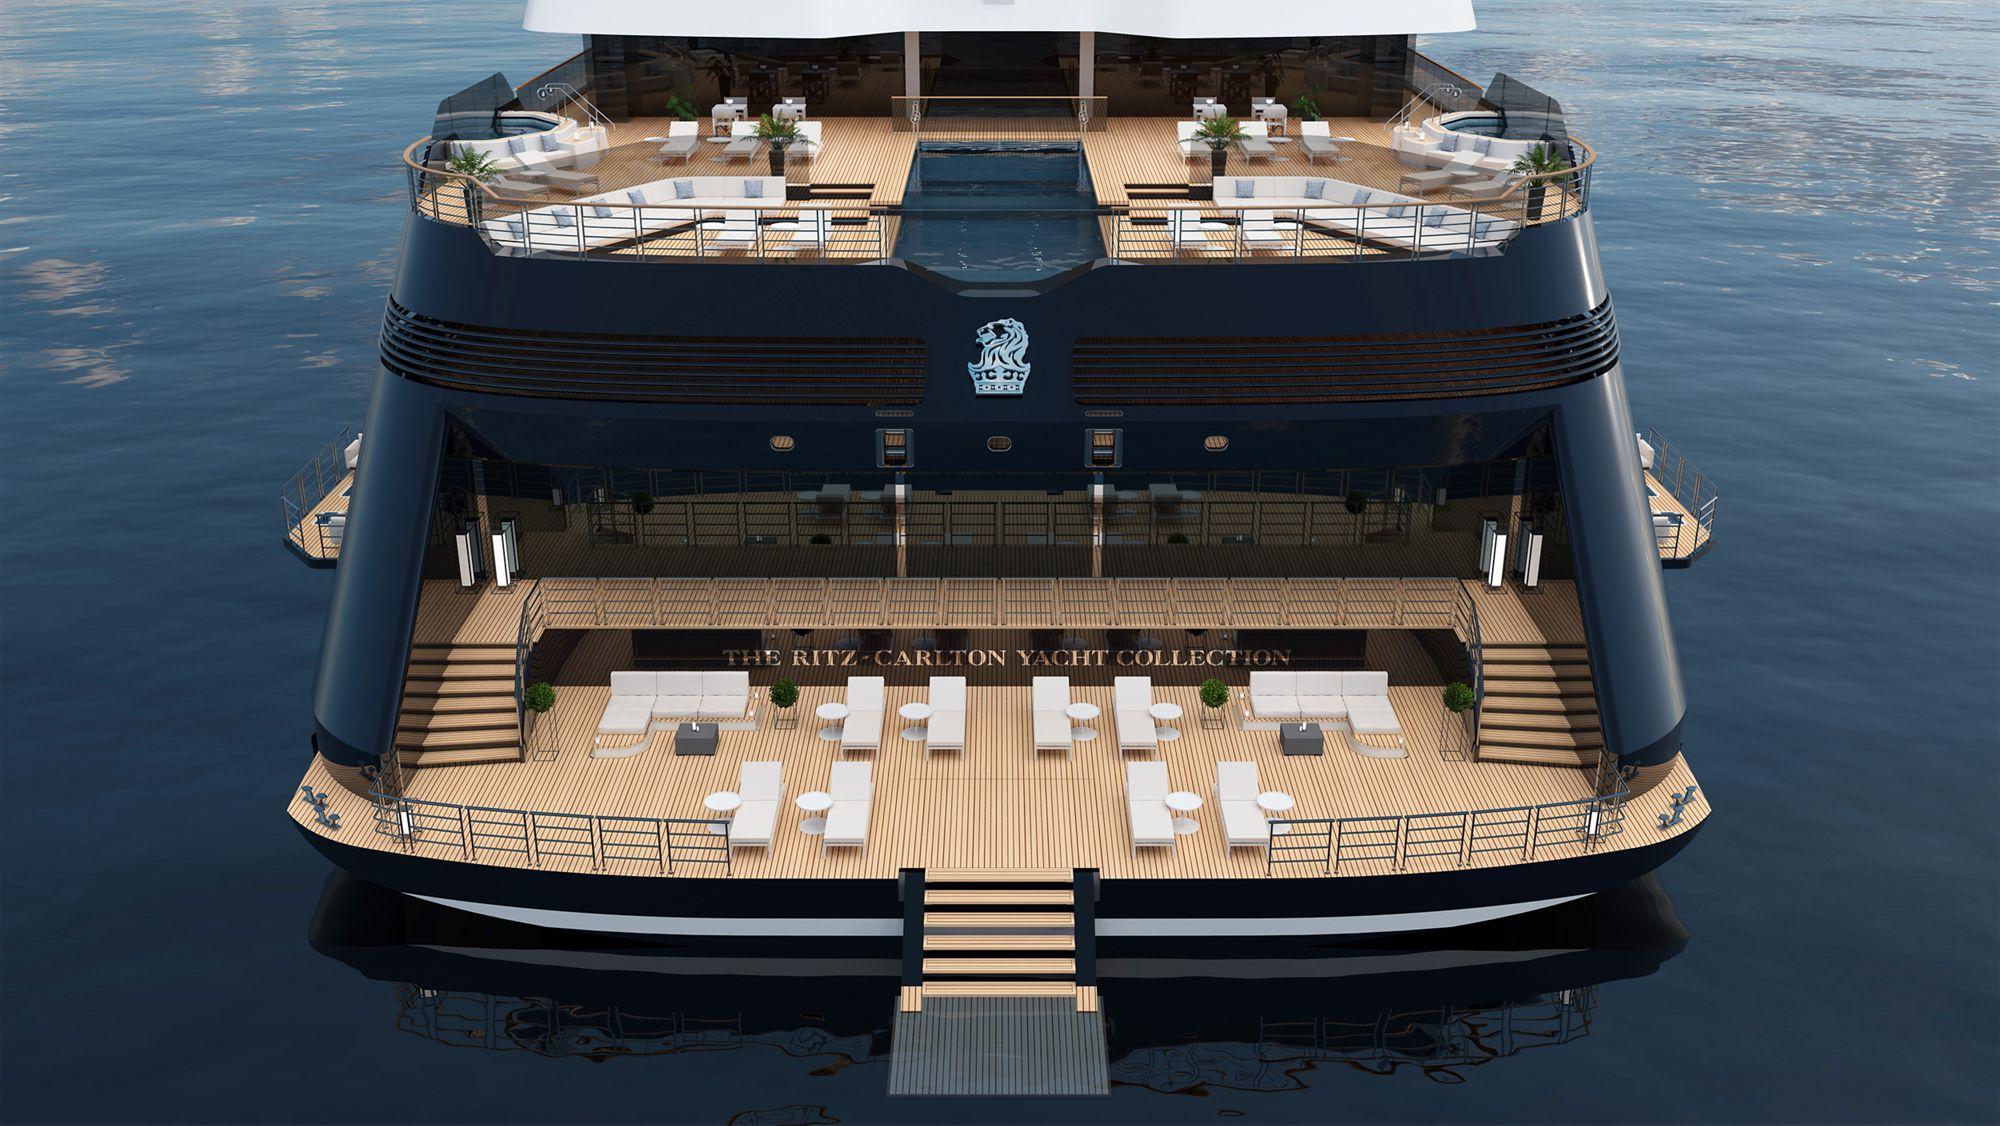 El primer viaje europeo del crucero The Ritz-Carlton, hará escala en Vigo